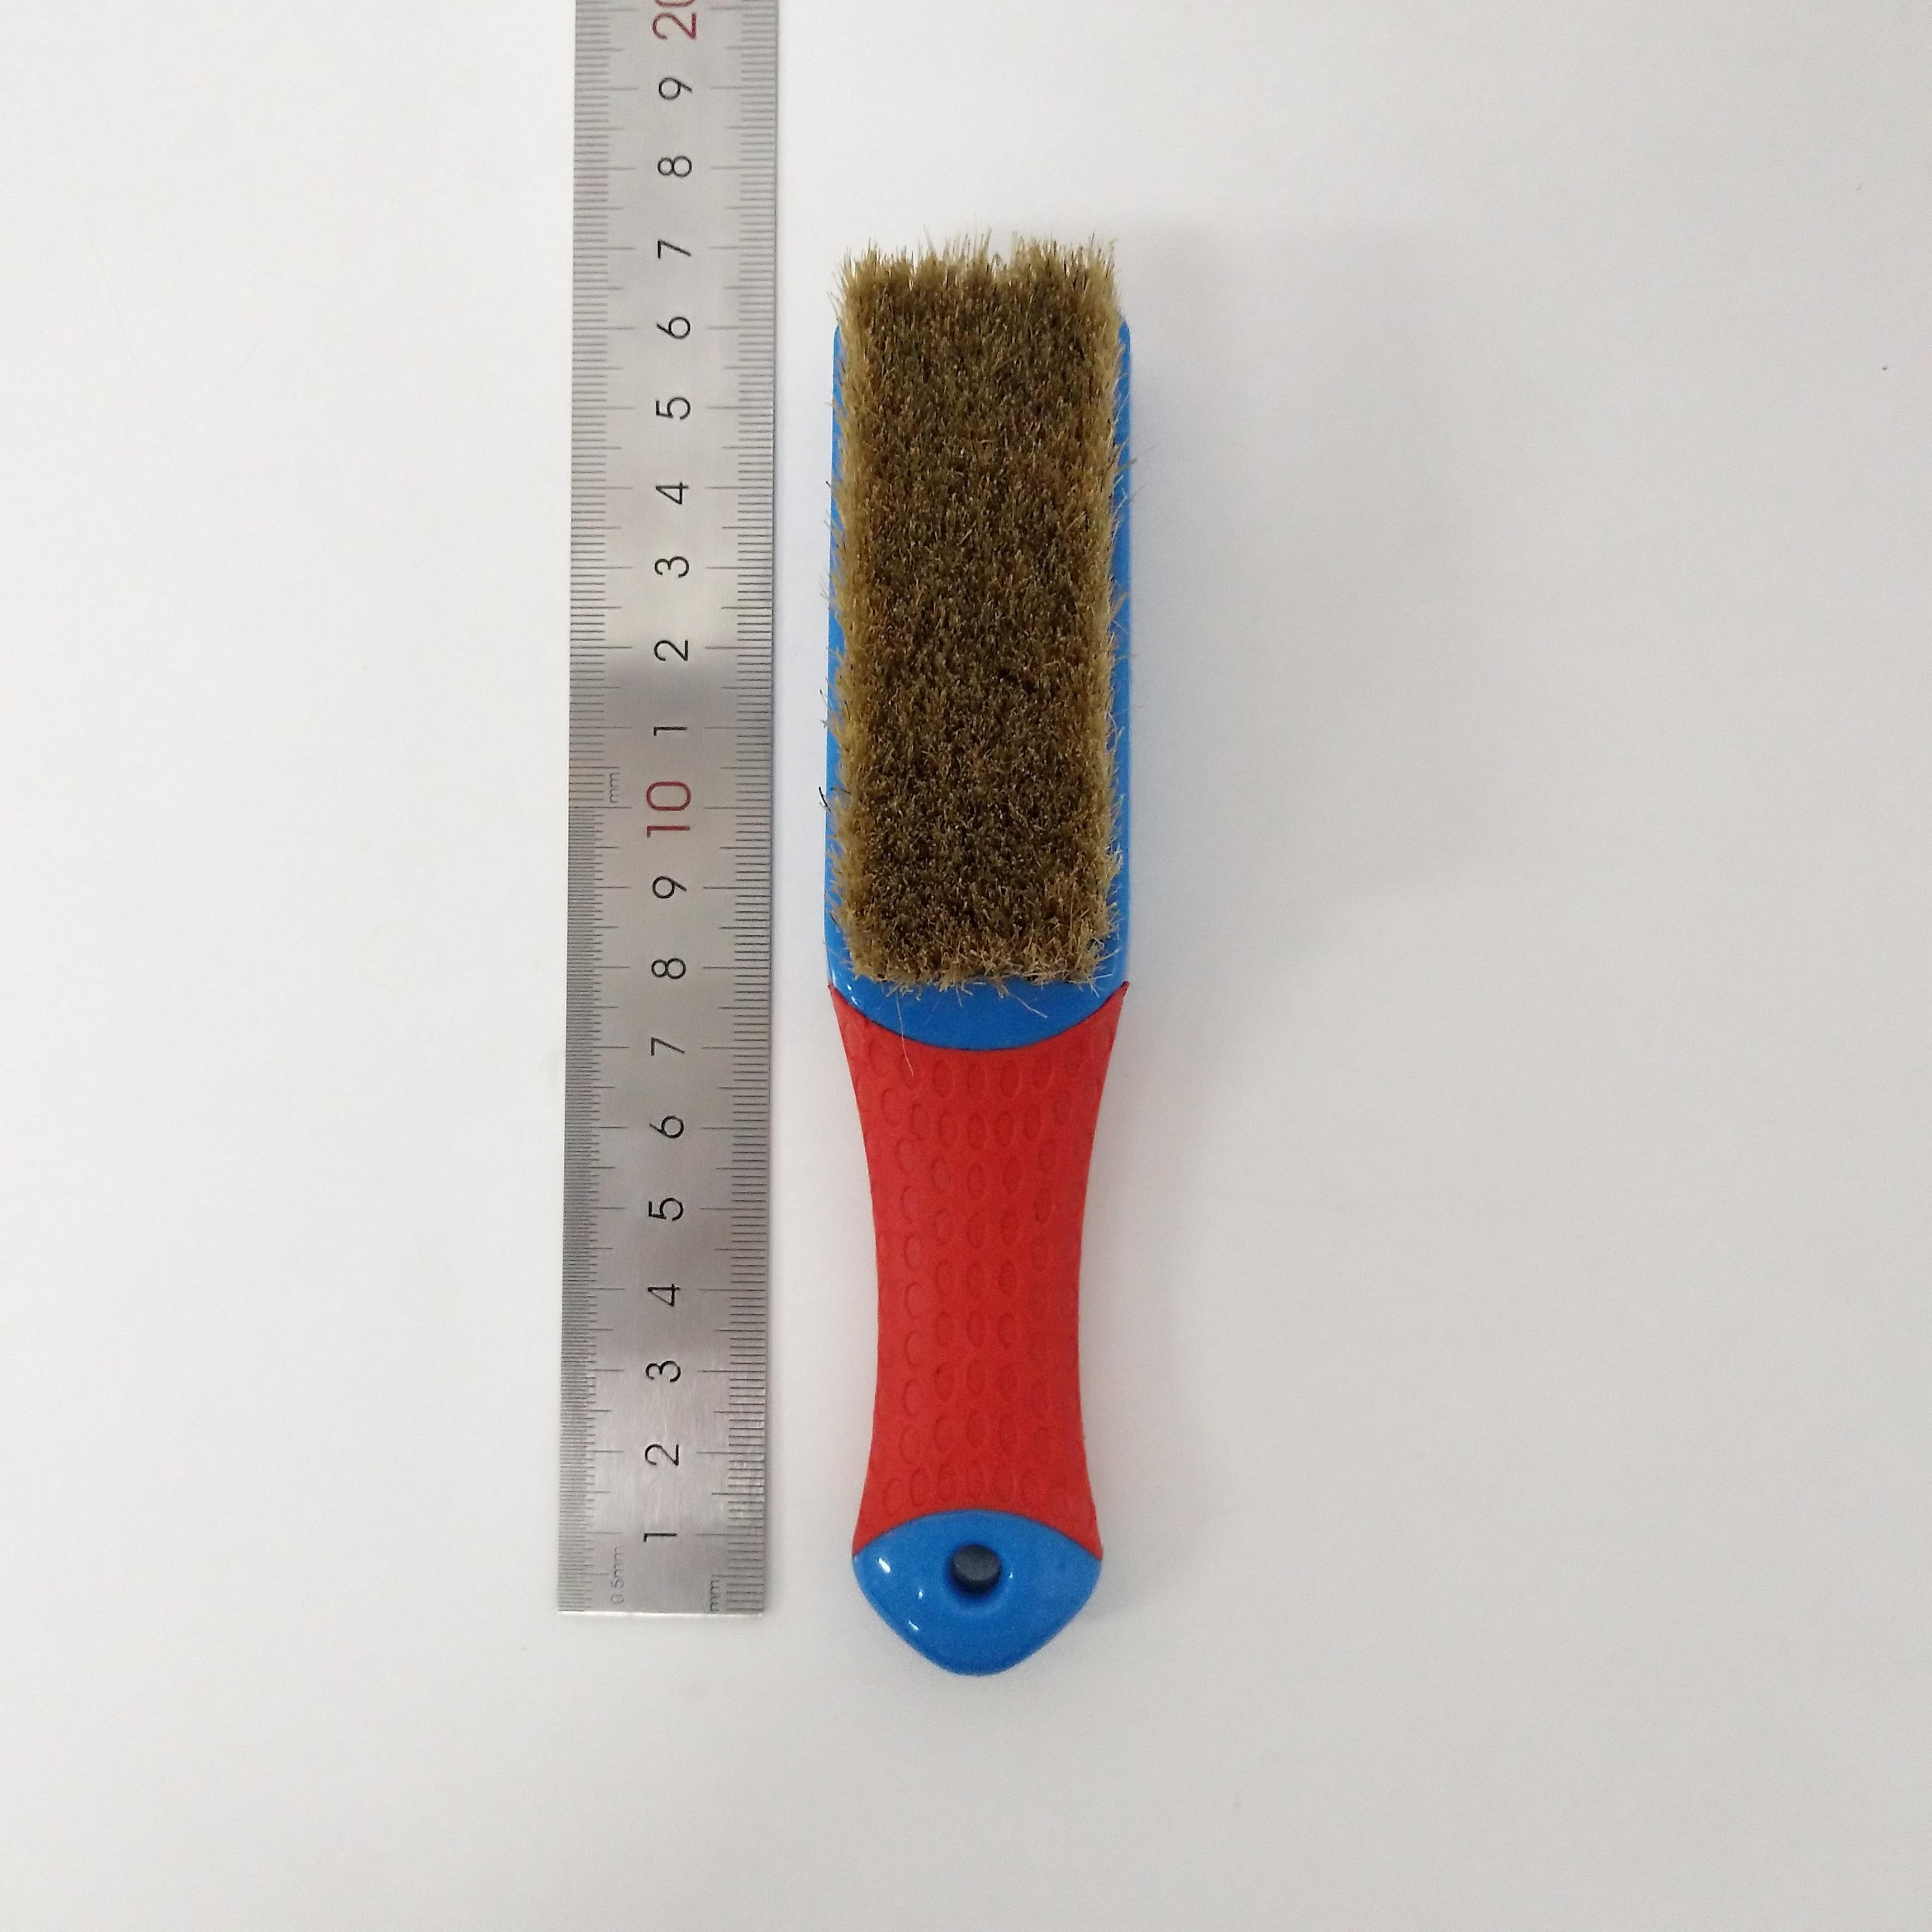 Ferramentas duráveis da superfície do metal da escova da cerda do amarelo de 1 pces para a remoção da pintura que limpa a oxidação